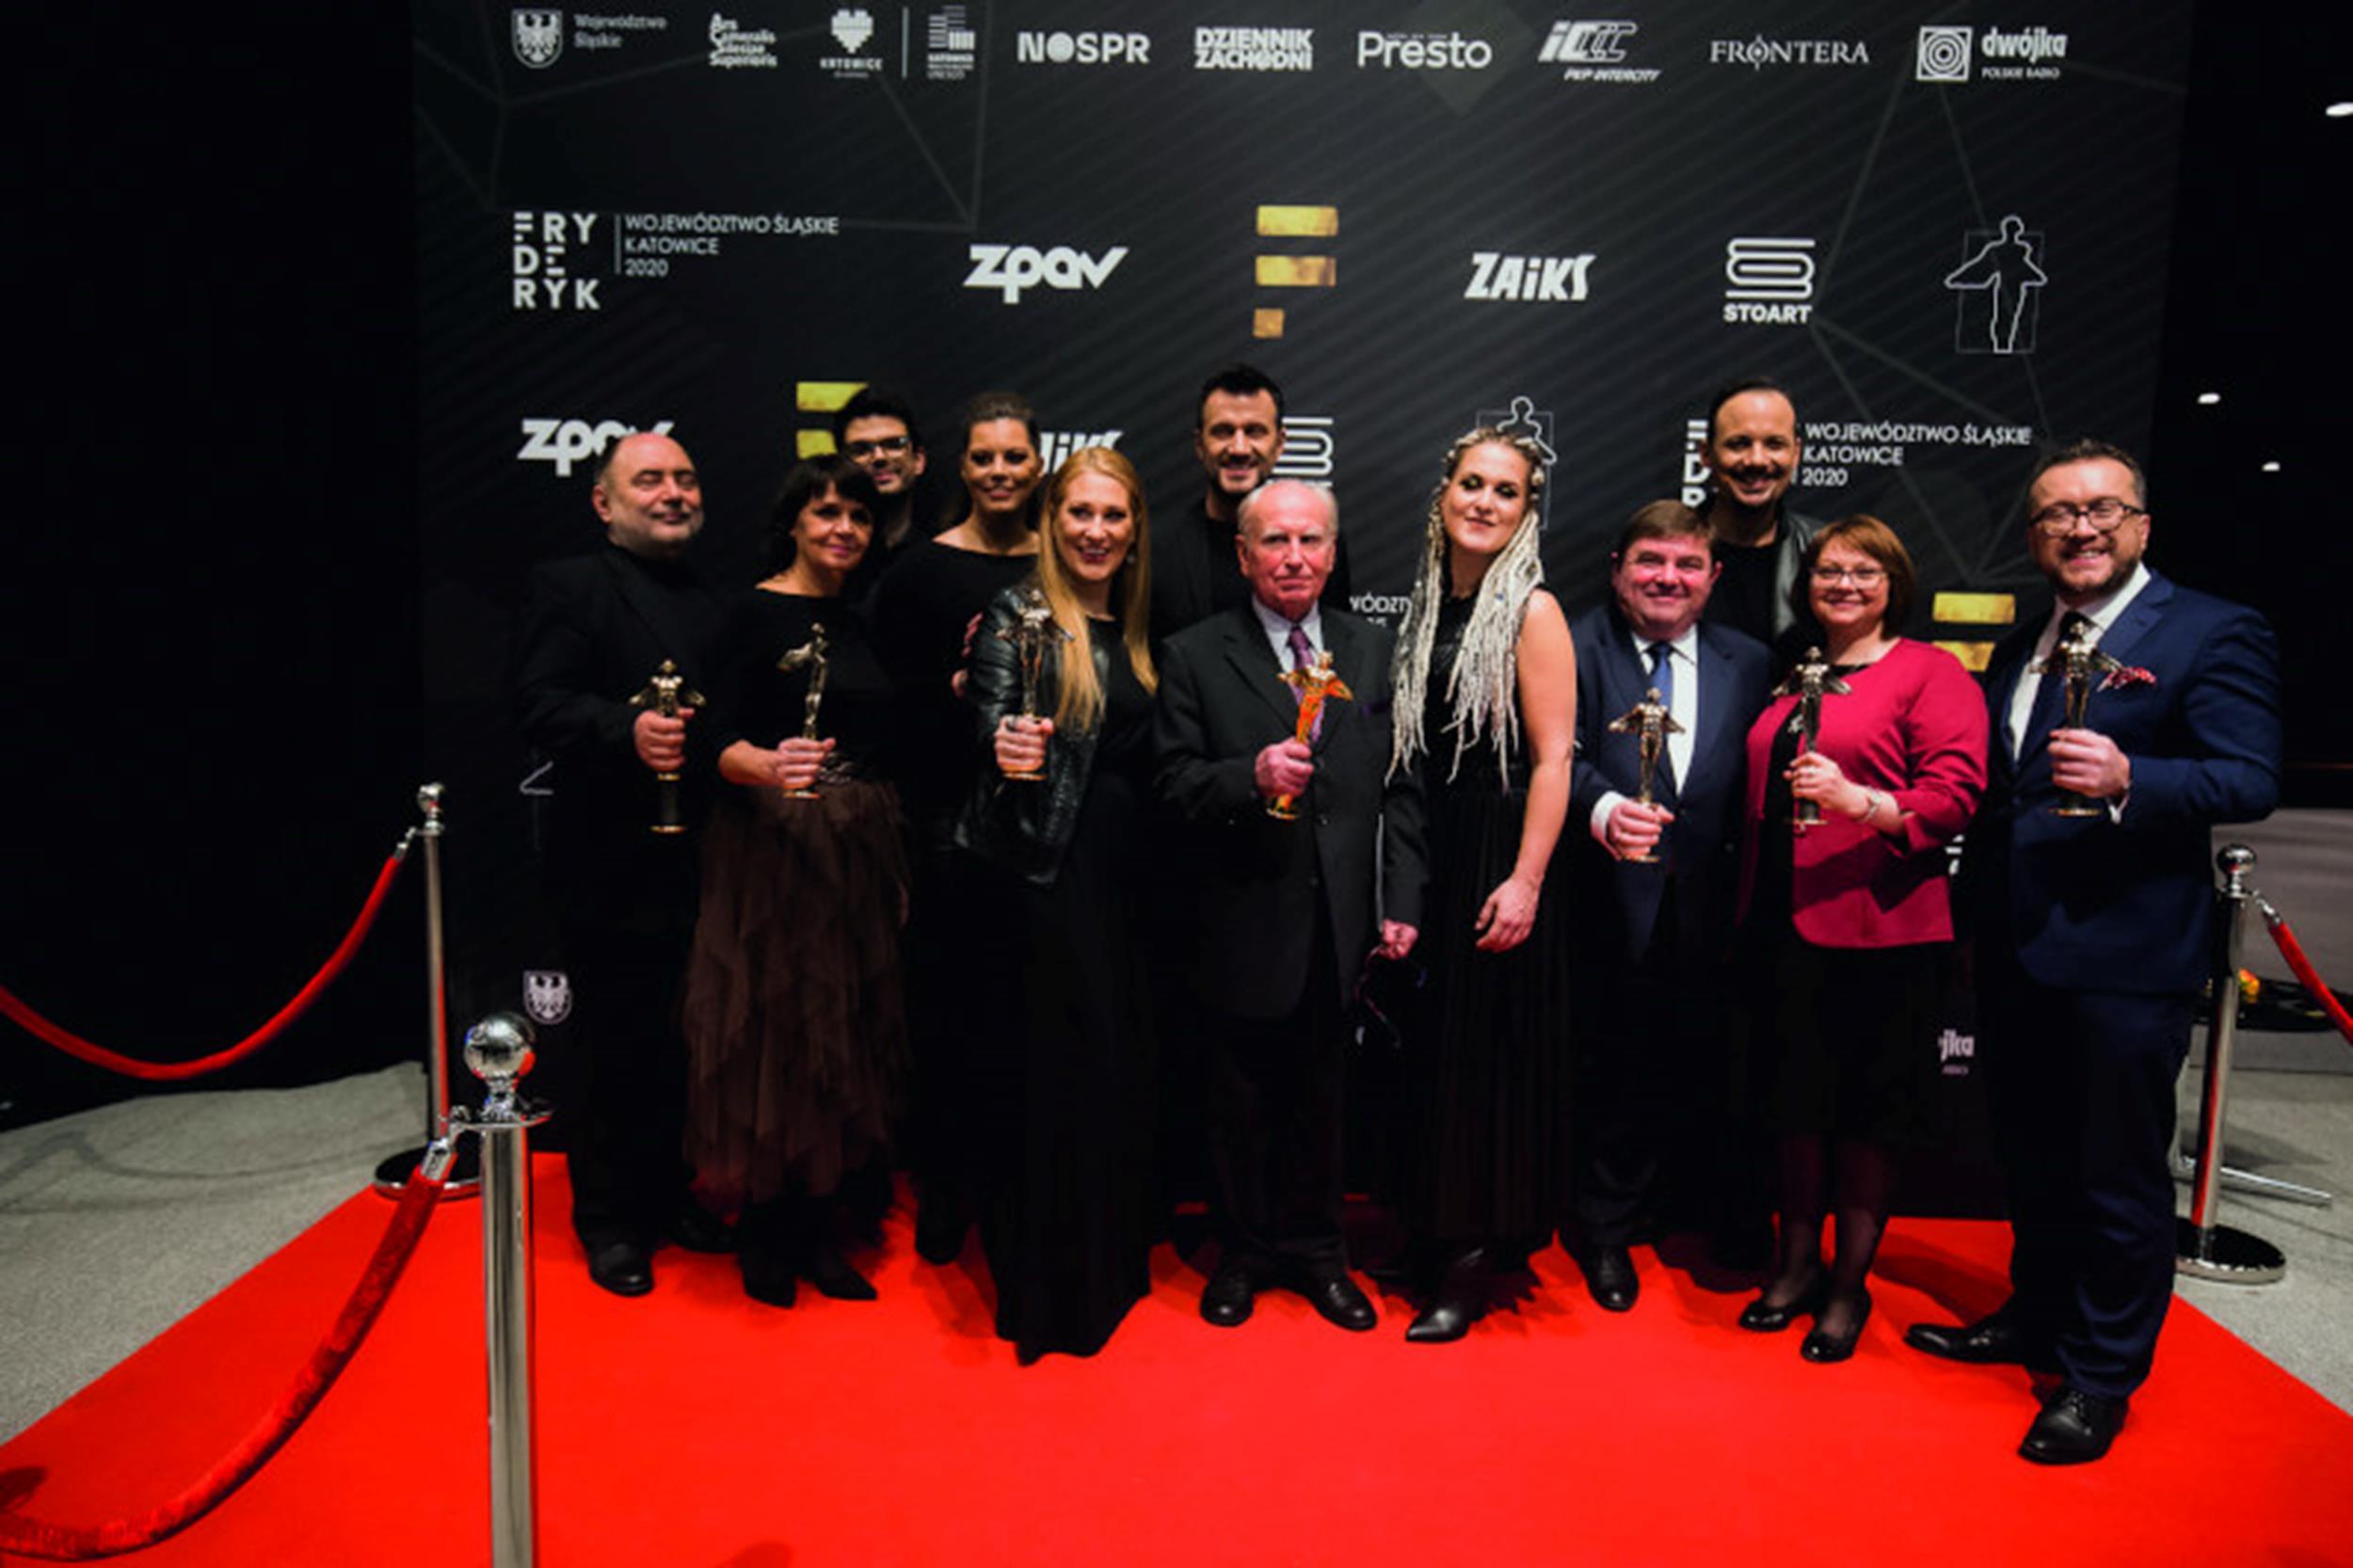 Laureaci nagrody Fryderyk 2020 w kategorii muzyki poważnej